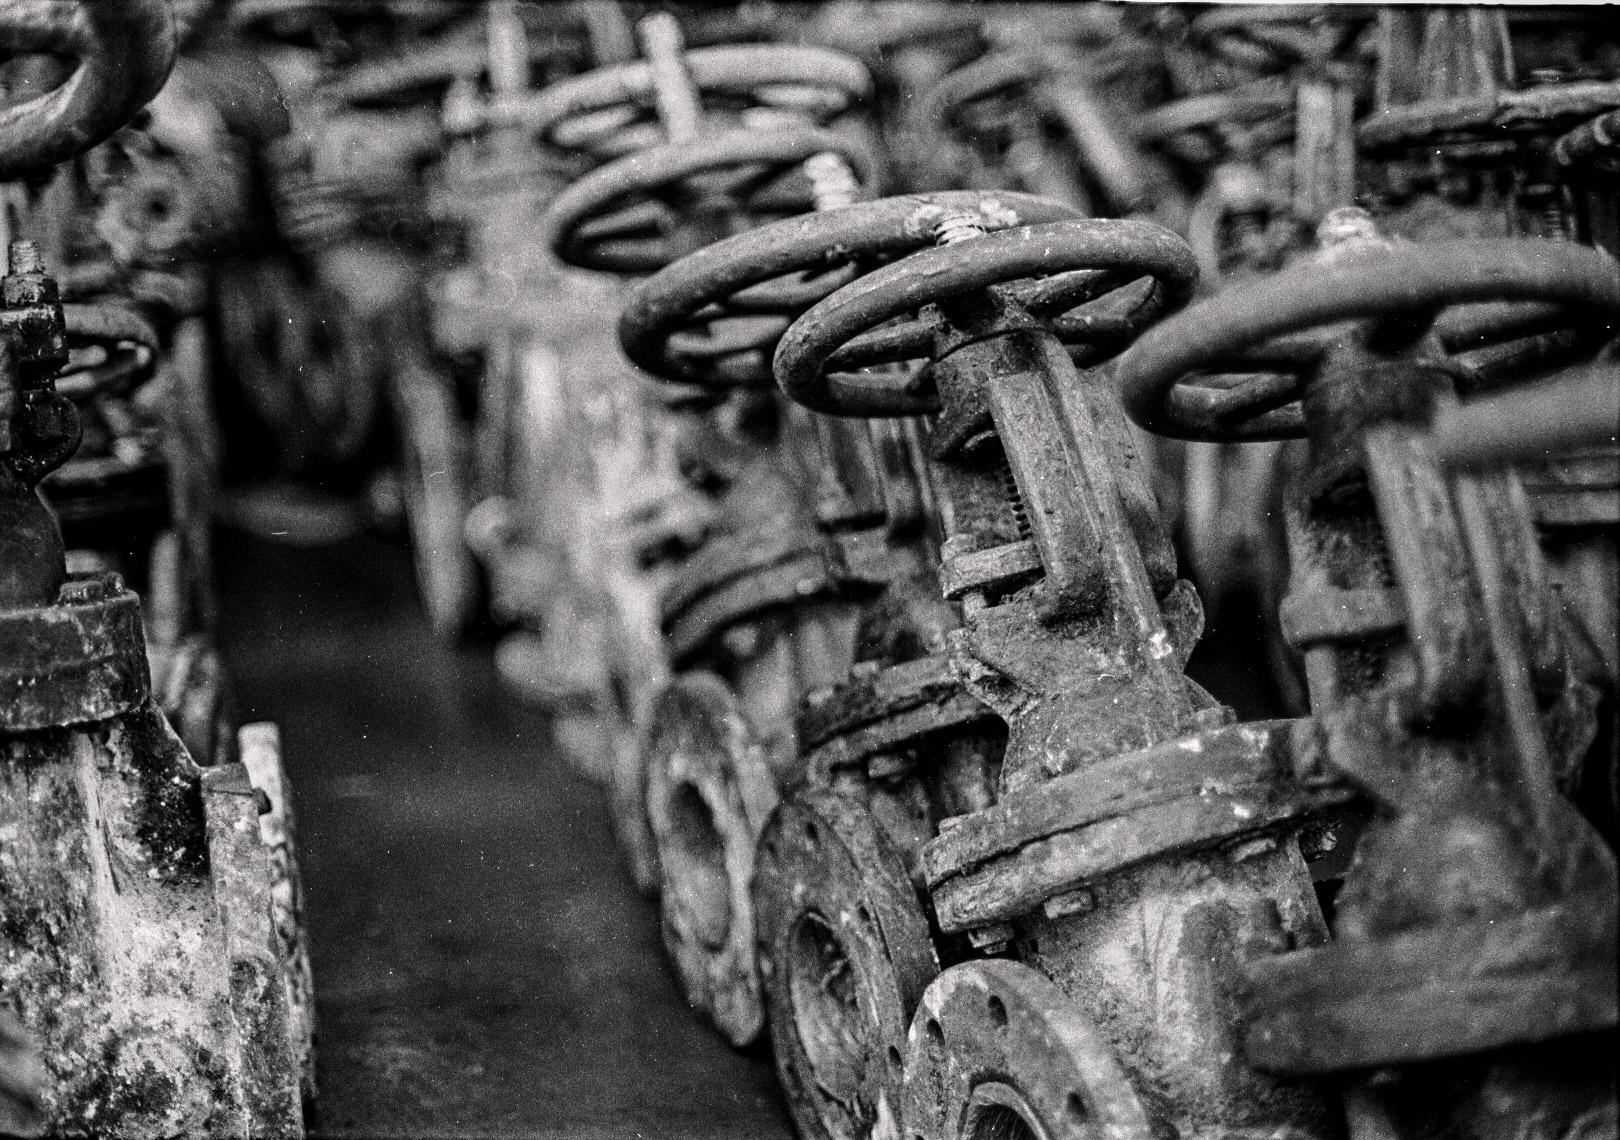 La hilera interminable de piezas que estuvieron por última vez juntas en este momento antes de desparramarse como repuestos para los centrales que sobrevivieron la paralización. (Foto: Alejandro Ramírez Anderson)